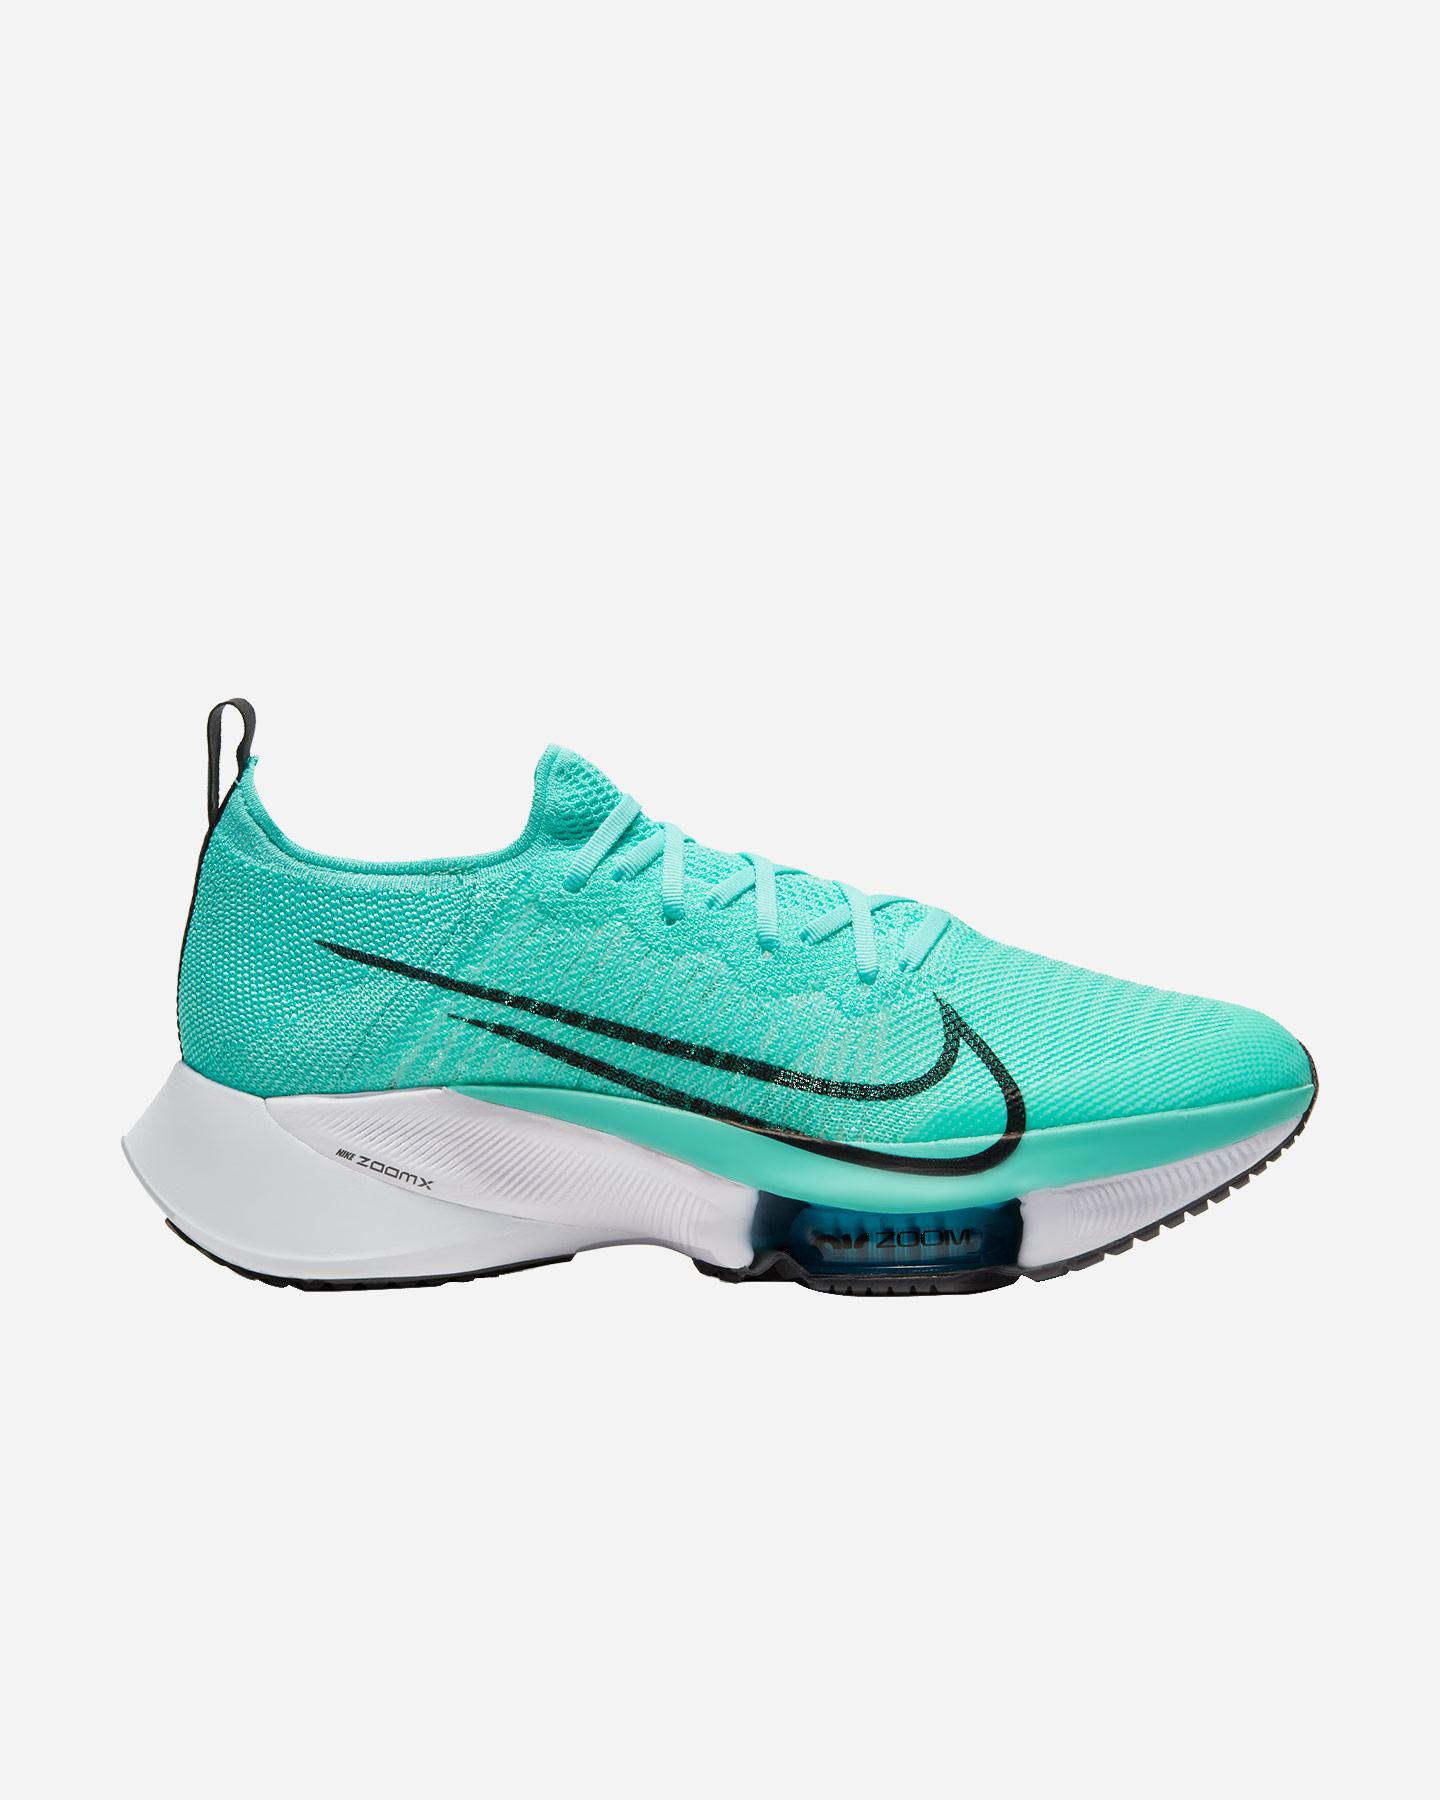 Nike - Air Zoom Tempo Next% M - Scarpe Running - Uomo